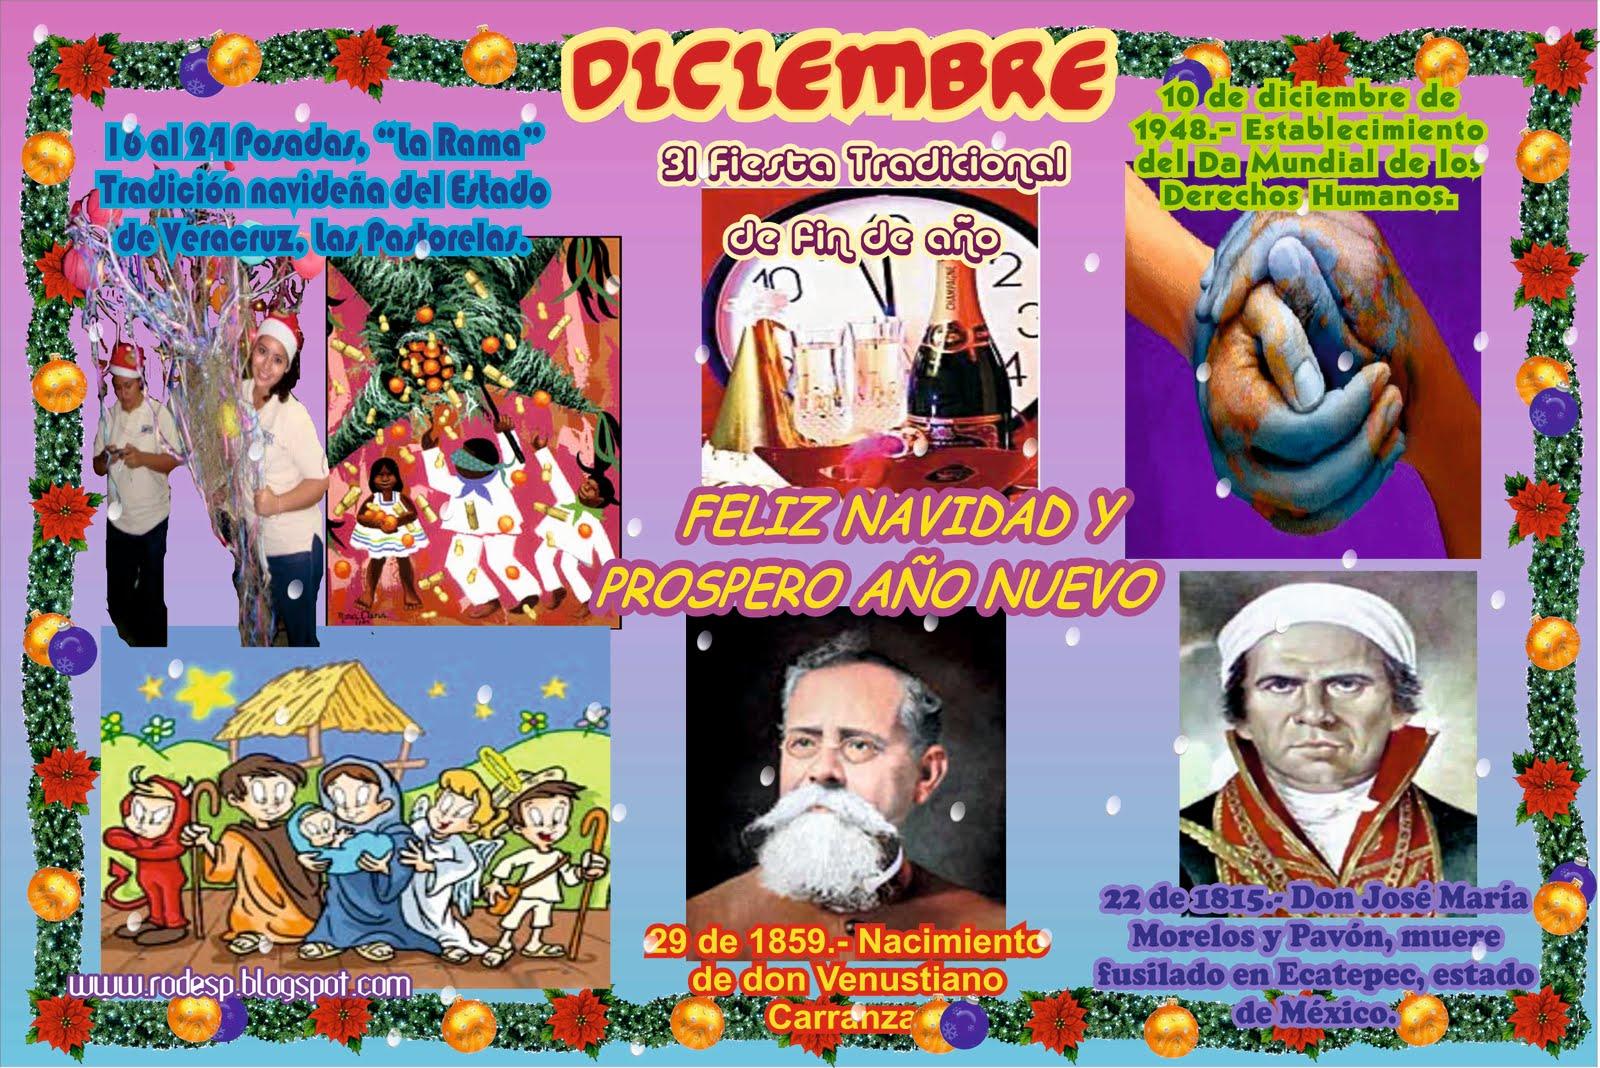 Imagenes De Diciembre Para El